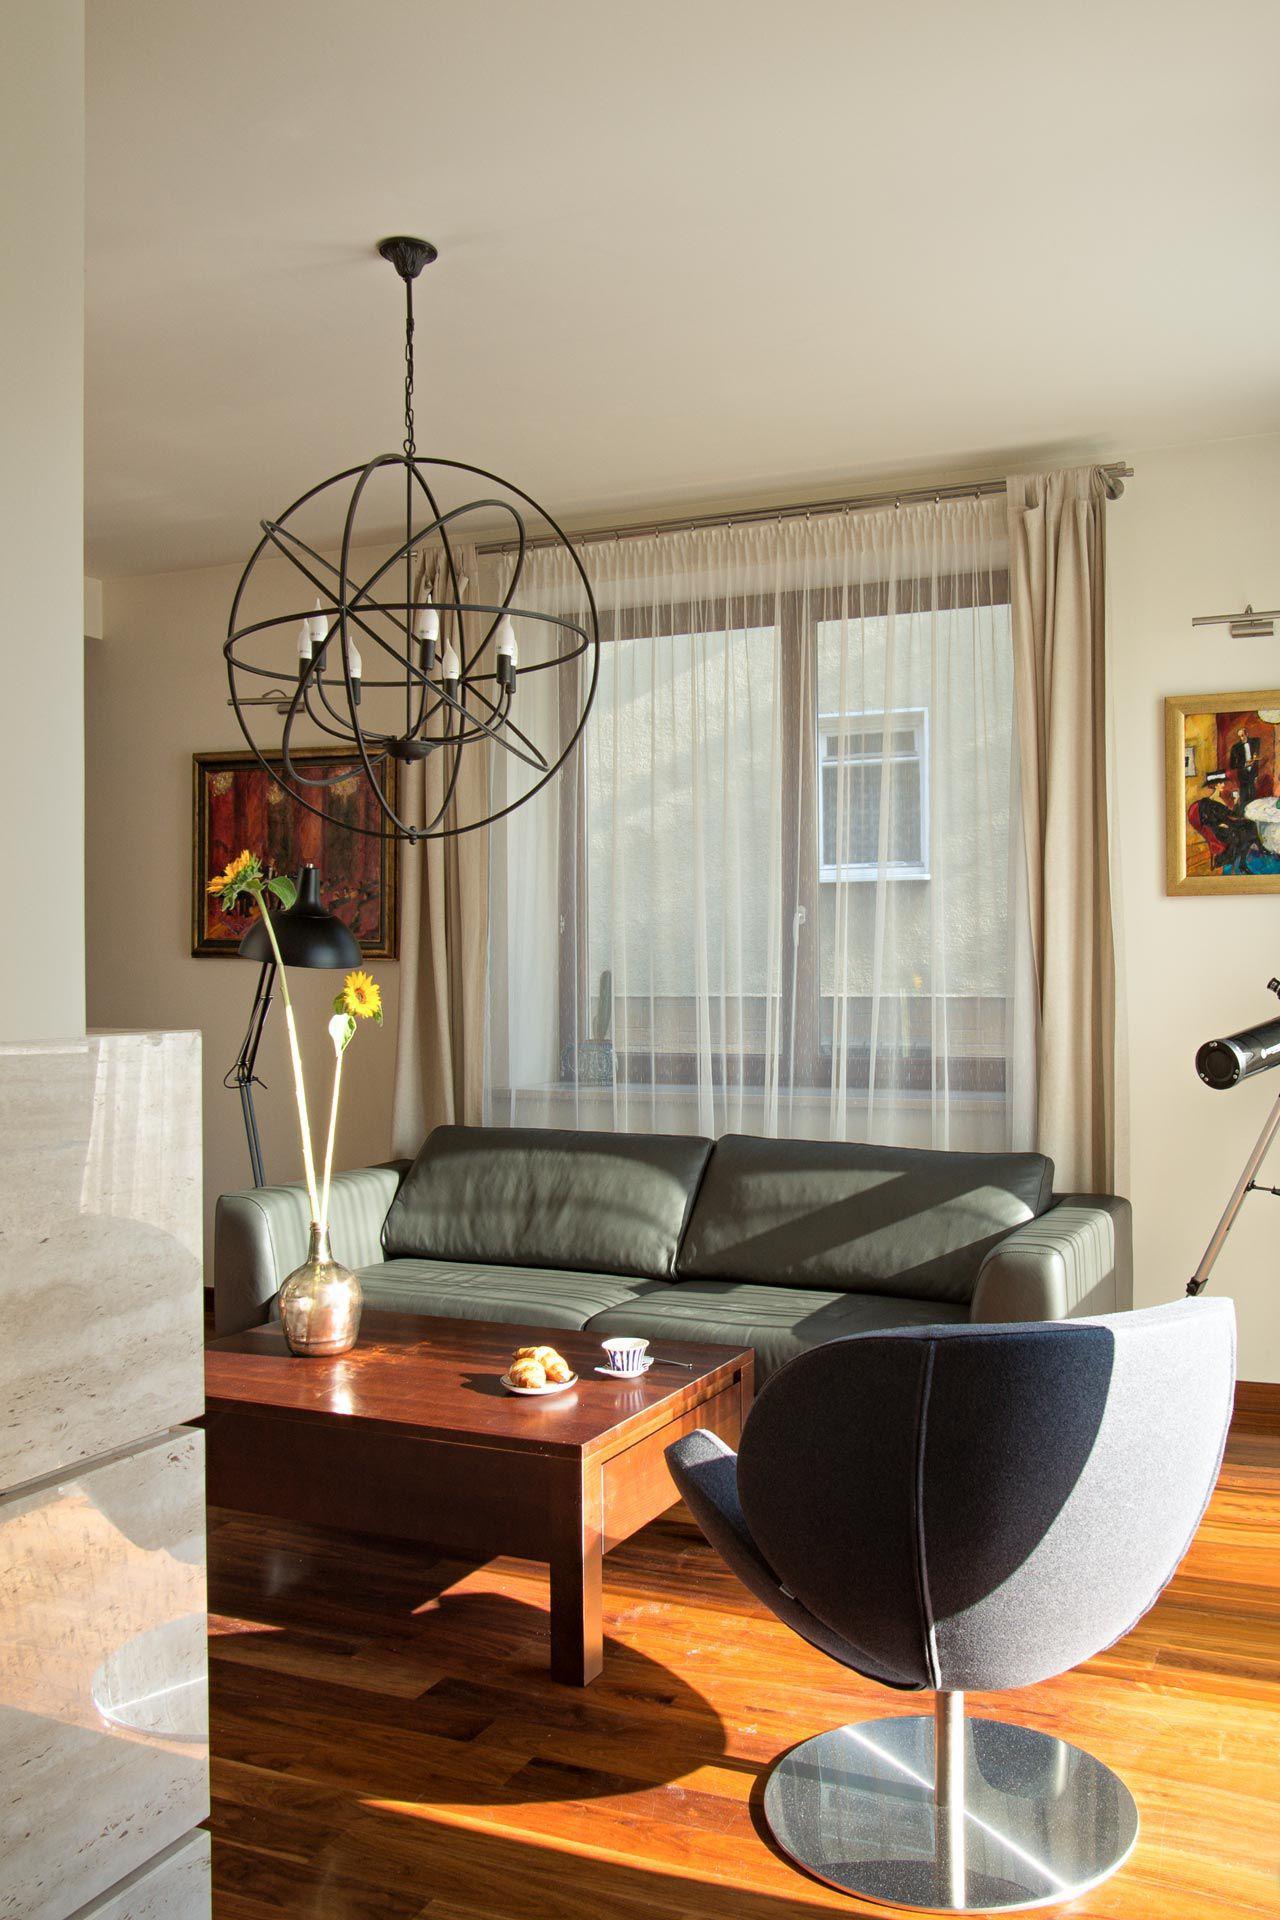 salon z kubełkowym fotelem i zyrandolem 3d